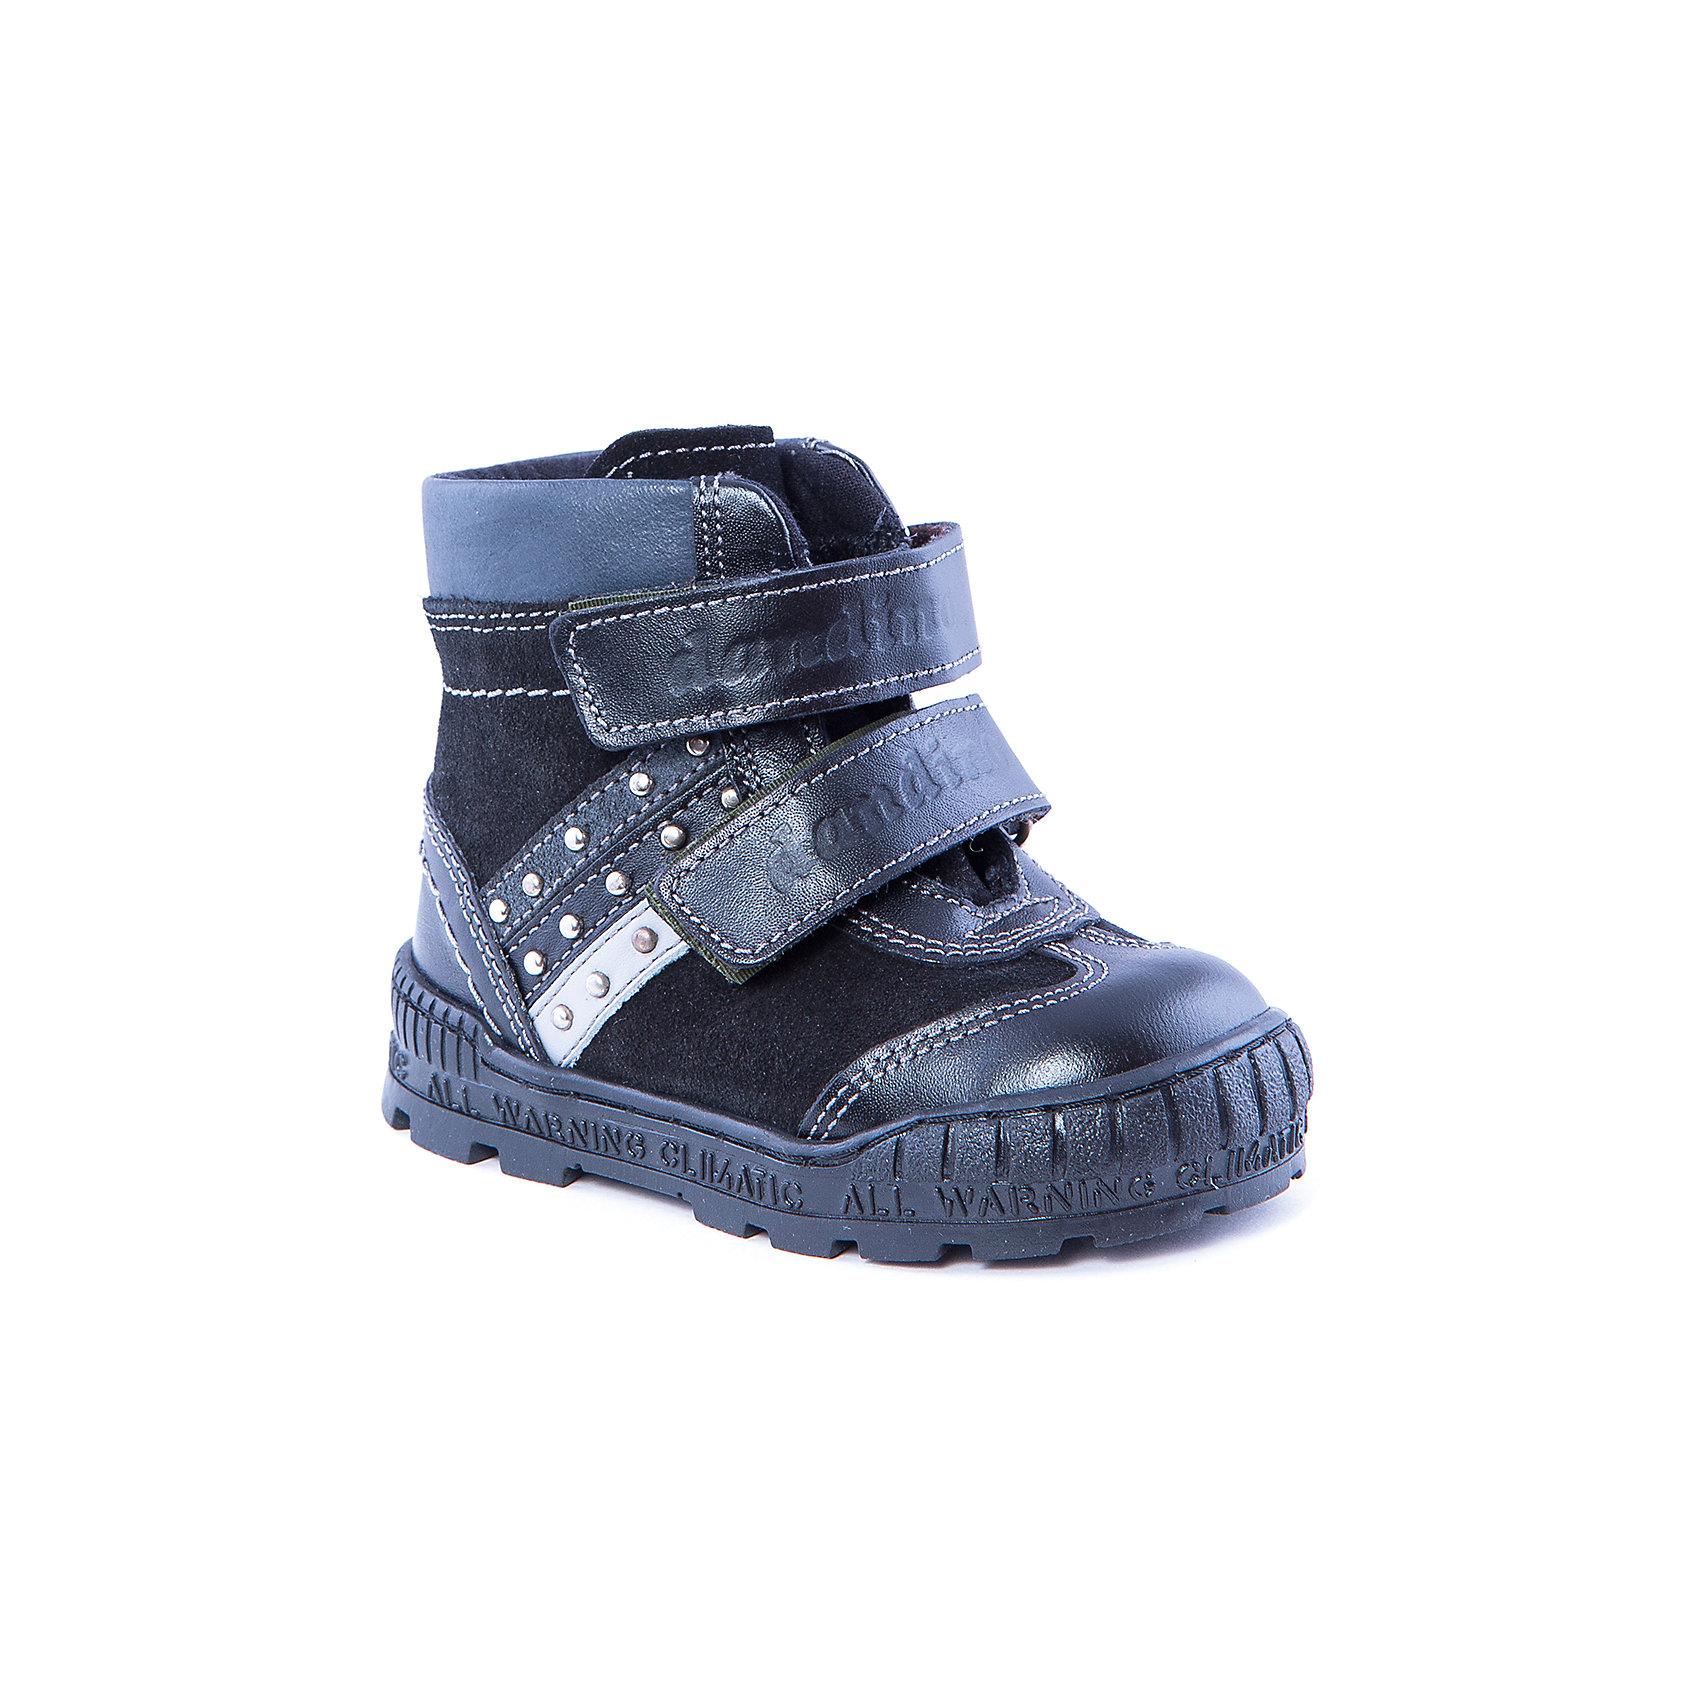 Ботинки для мальчика DandinoБотинки<br>Полусапожки  для мальчика от известного российского бренда  Dandino<br><br>Универсальные черные полусапожки помогут детской стопе формироваться правильно. Компания Dandino использует при производстве своей ортопедической обуви подтвержденные технологии и качественные материалы. <br>Натуральная телячья кожа, которая применяется для изготовления ботинок и сапожек позволяет обеспечить комфорт и предотвратить натирание. Изделия легко надеваются и комфортно садятся по ноге.<br><br>Особенности модели: <br><br>- цвет - черный;<br>- аппликация со стразами сбоку;<br>- натуральный мех в качестве подкладки;<br>- верх – натуральная кожа;<br>- контрастная прошивка;<br>- комфортная колодка;<br>- жесткий задник;<br>- защита пальцев;<br>- амортизирующая устойчивая подошва;<br>- застежки - две липучки.<br><br>Дополнительная информация:<br><br>Температурный режим: <br><br>от -20° С до -0° С<br><br>Состав:<br><br>верх – натуральная кожа;<br>подкладка - натуральный мех;<br>подошва - ТЭП.<br><br>Полусапожки для мальчика от бренда Dandino (Дандино) можно купить в нашем магазине.<br><br>Ширина мм: 257<br>Глубина мм: 180<br>Высота мм: 130<br>Вес г: 420<br>Цвет: черный<br>Возраст от месяцев: 12<br>Возраст до месяцев: 15<br>Пол: Мужской<br>Возраст: Детский<br>Размер: 21,22,24,23,20<br>SKU: 4339310